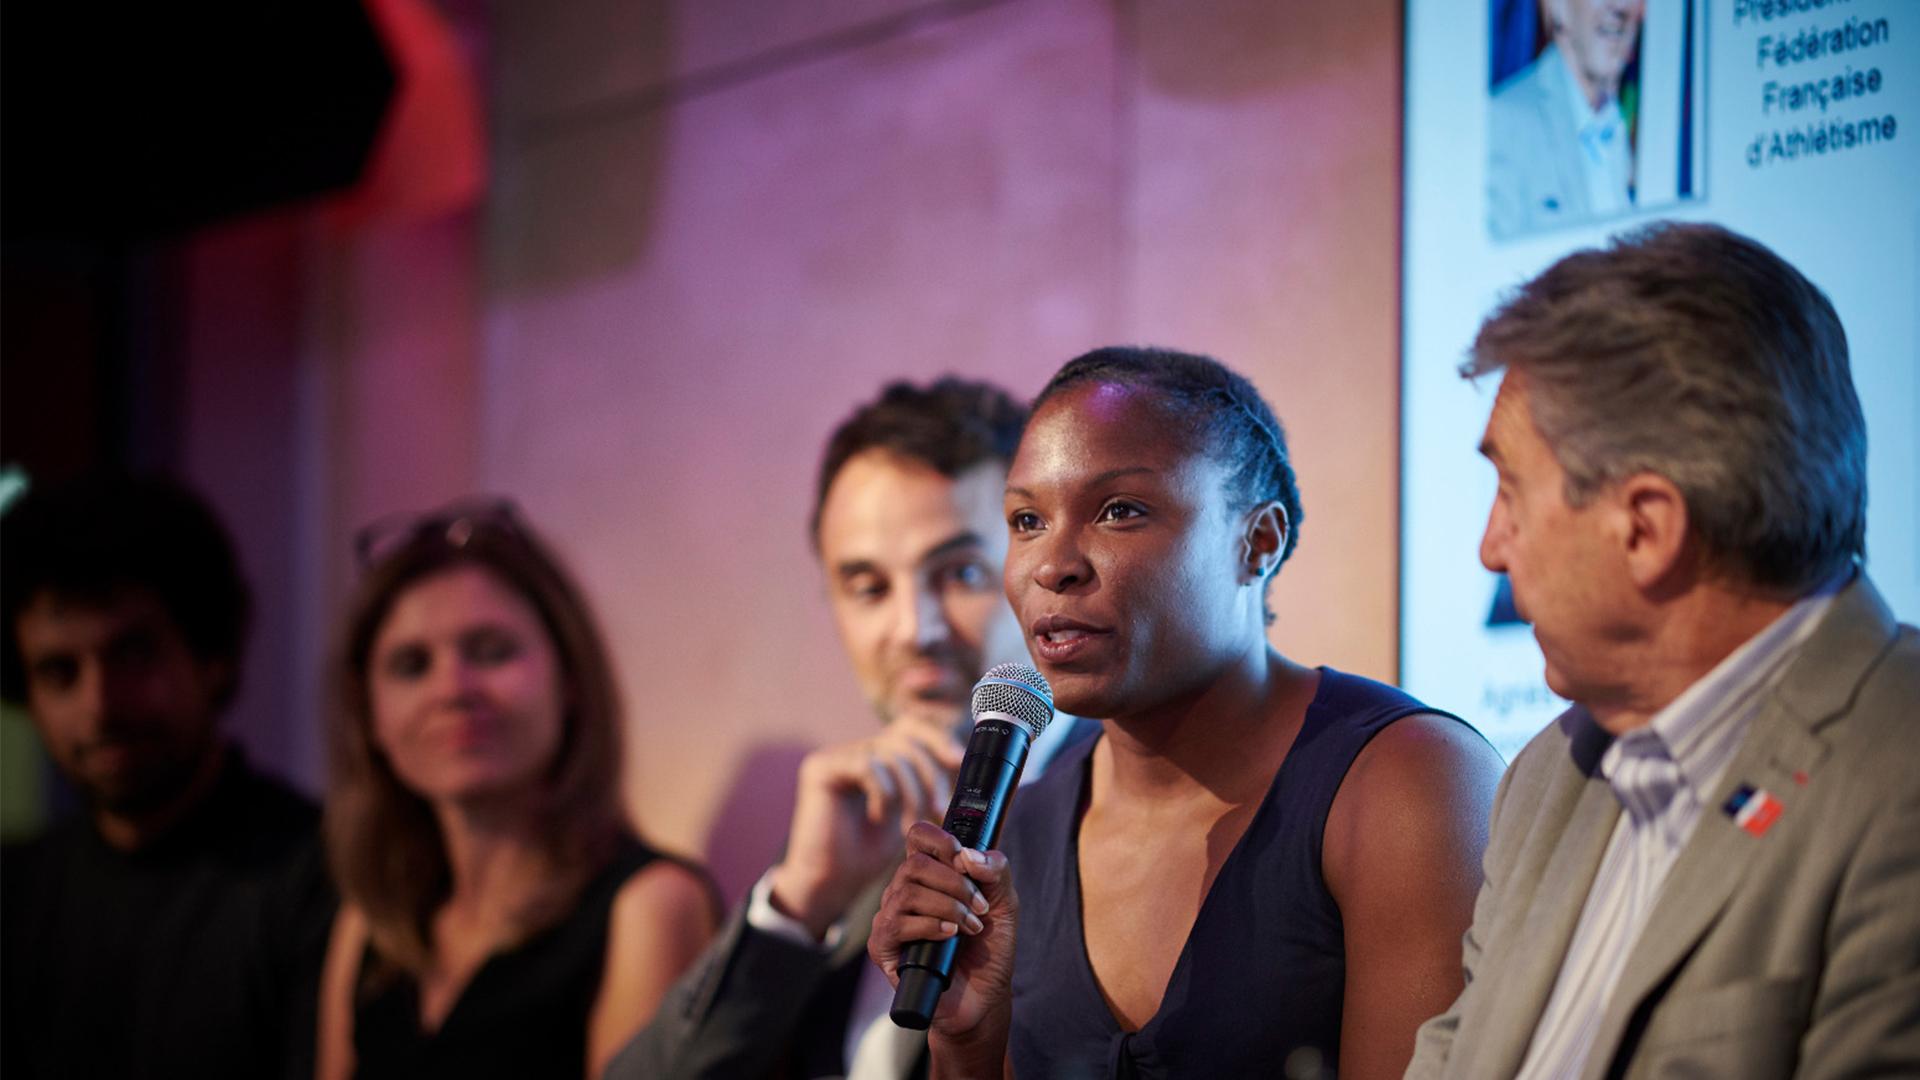 Ayodele, athlète de haut-niveau et élue à la Mairie de Paris 18e